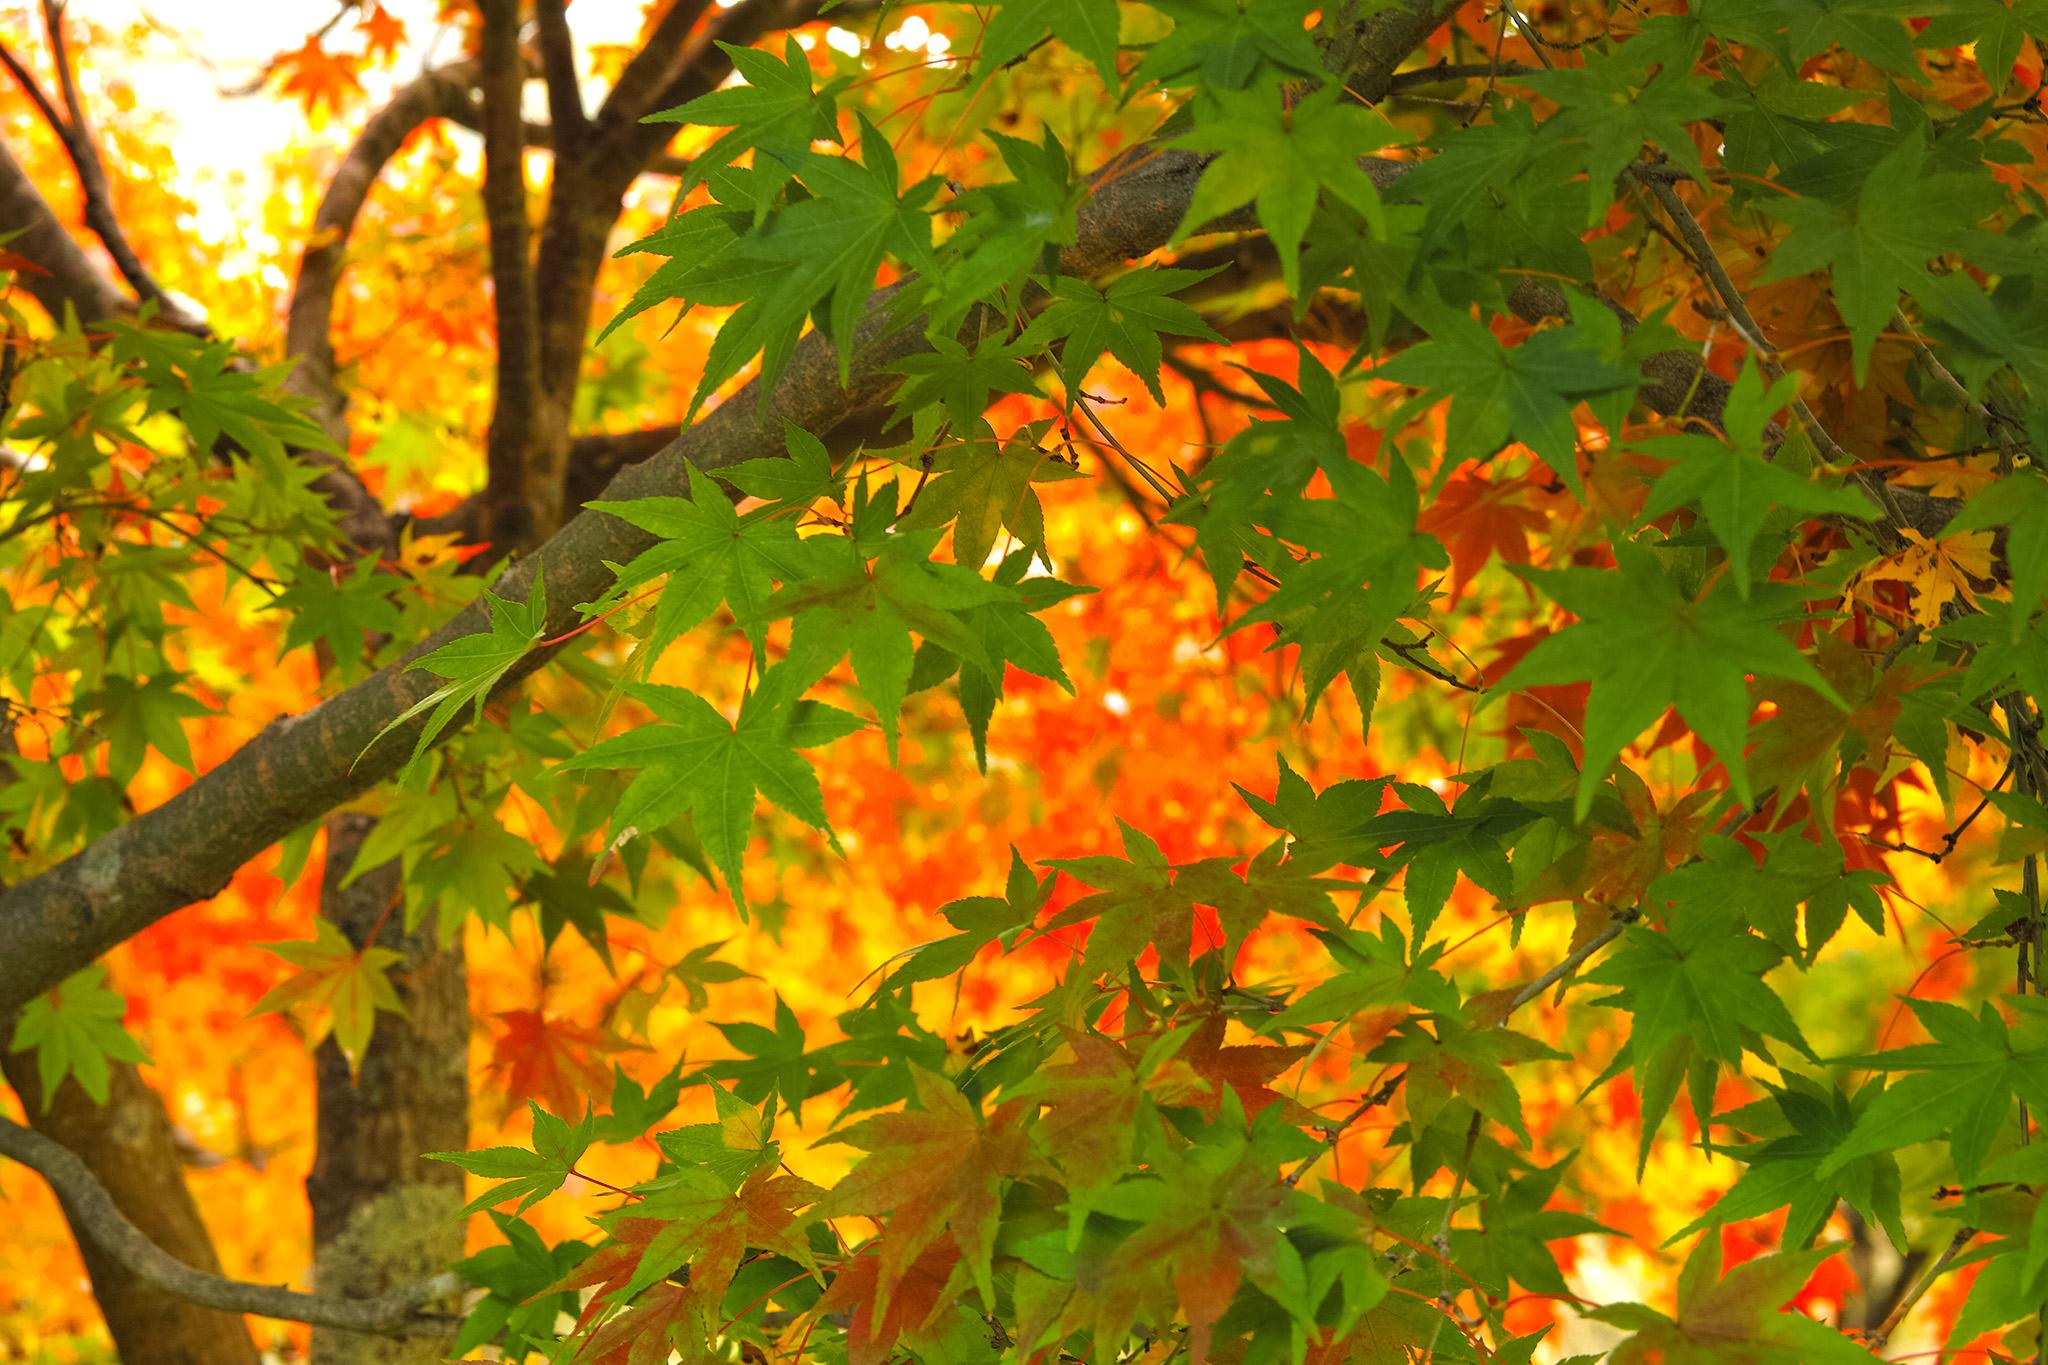 「黄葉の中に残る青葉」の写真素材を無料ダウンロード